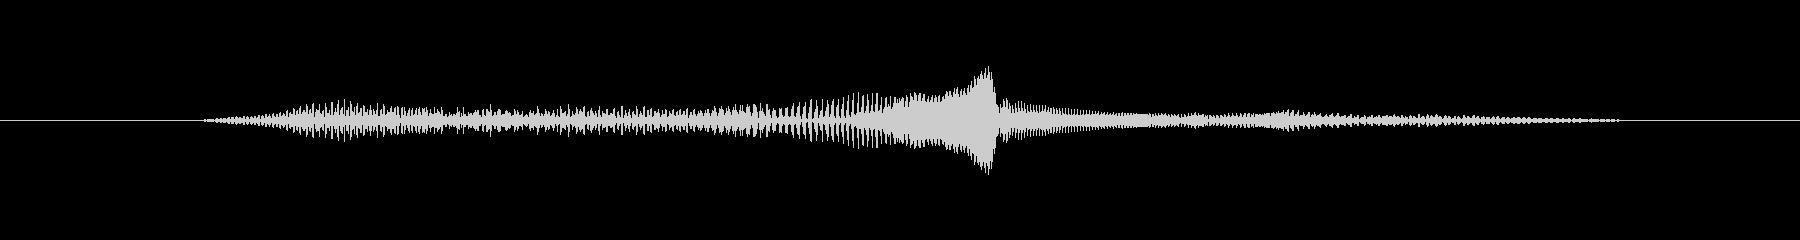 「ワオ!」2の未再生の波形